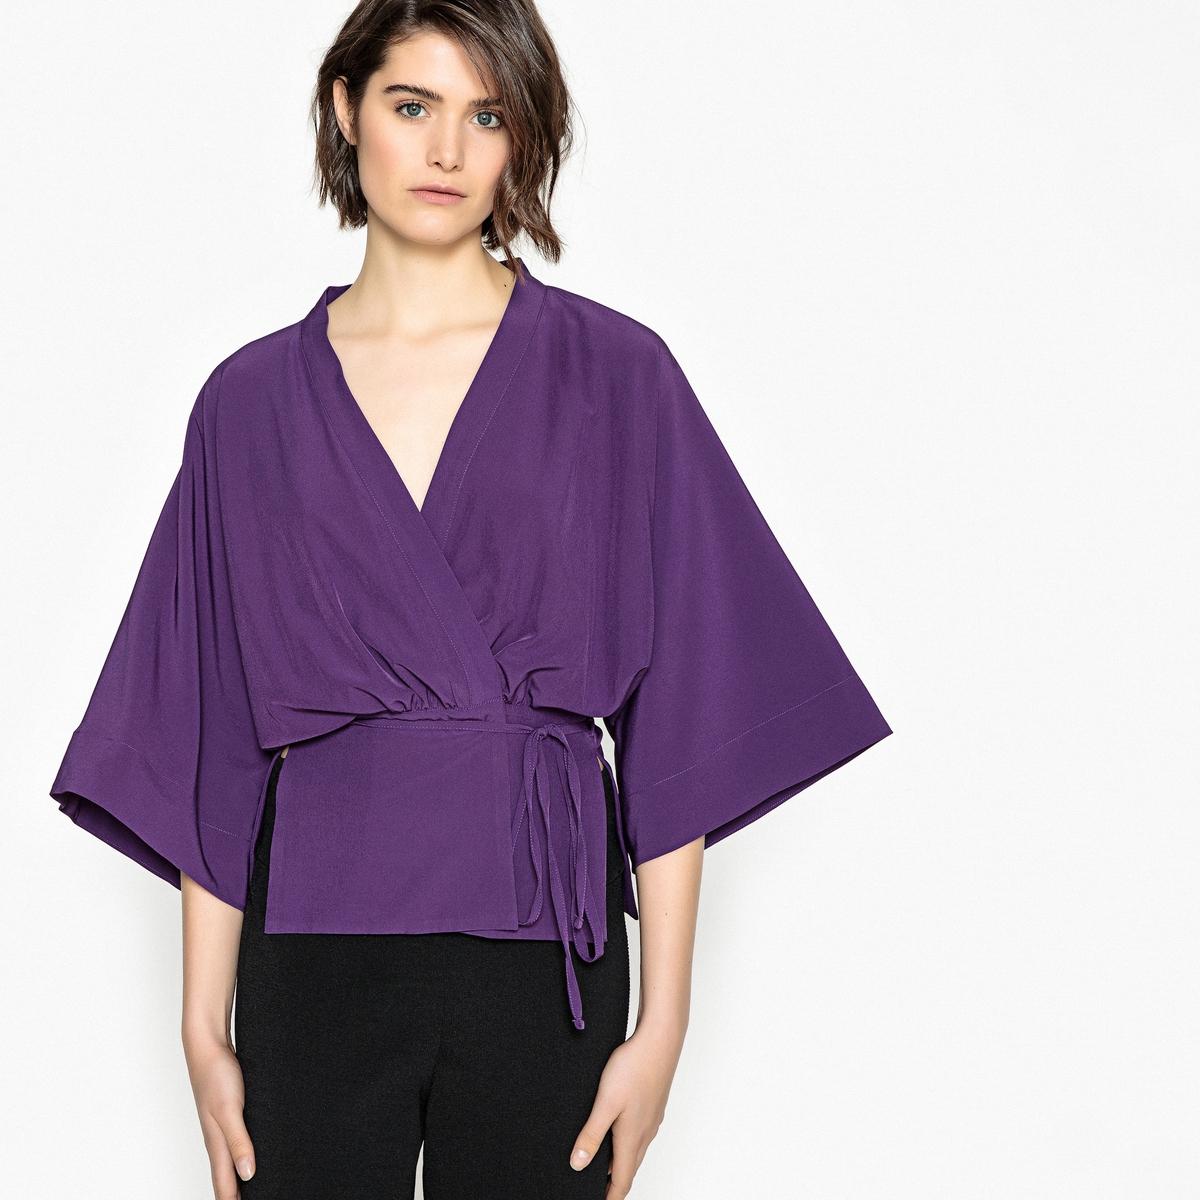 Жакет тонкий в стиле кимоно с поясом и рукавами 3/4 жакет кимоно